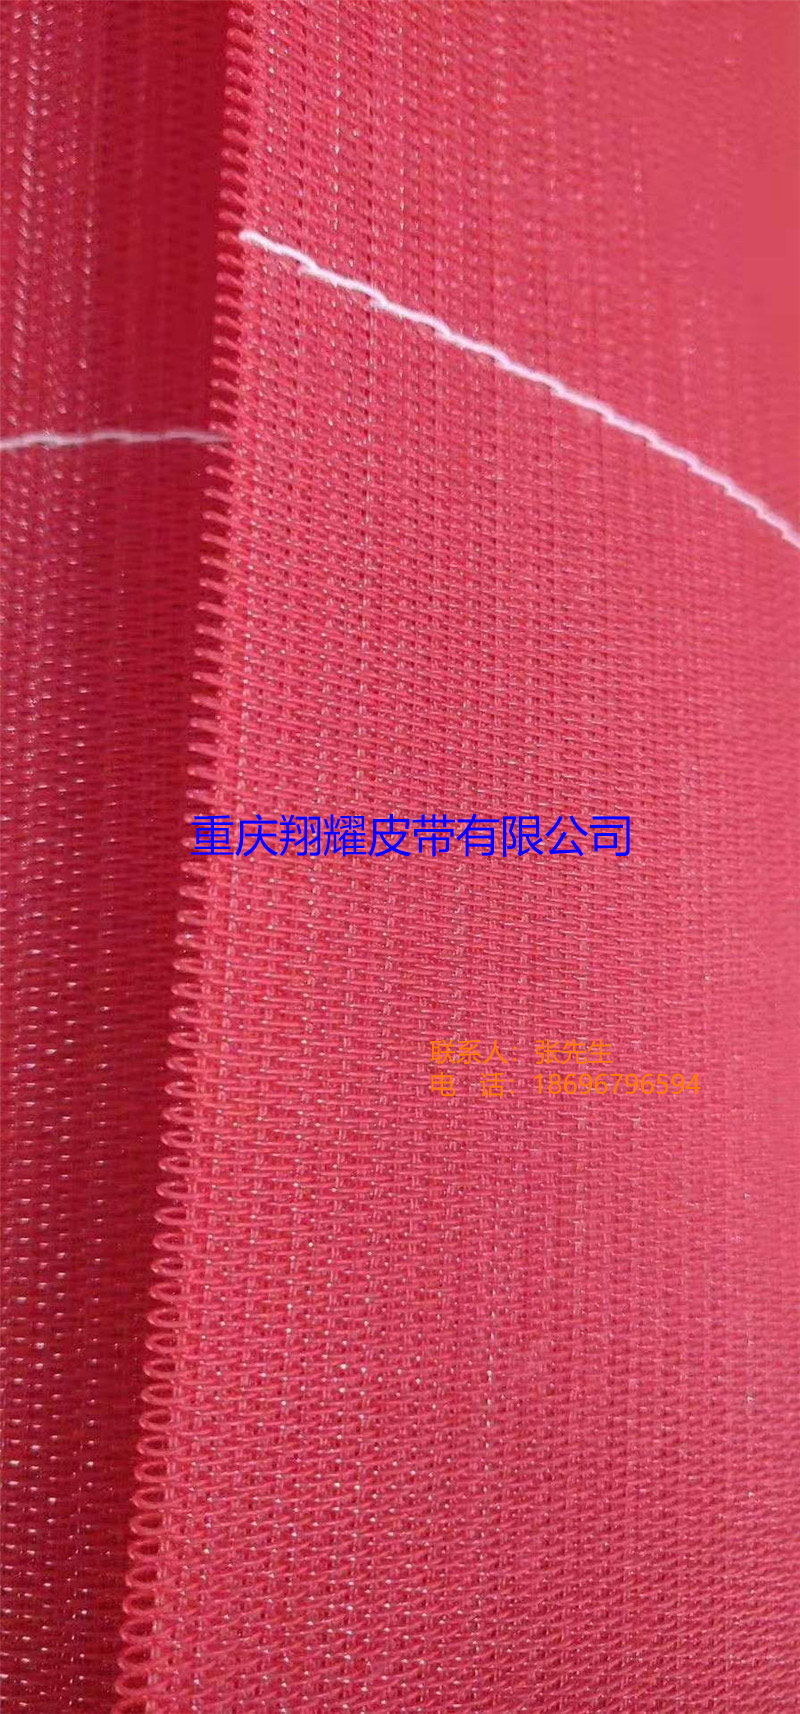 聚脂网带红色